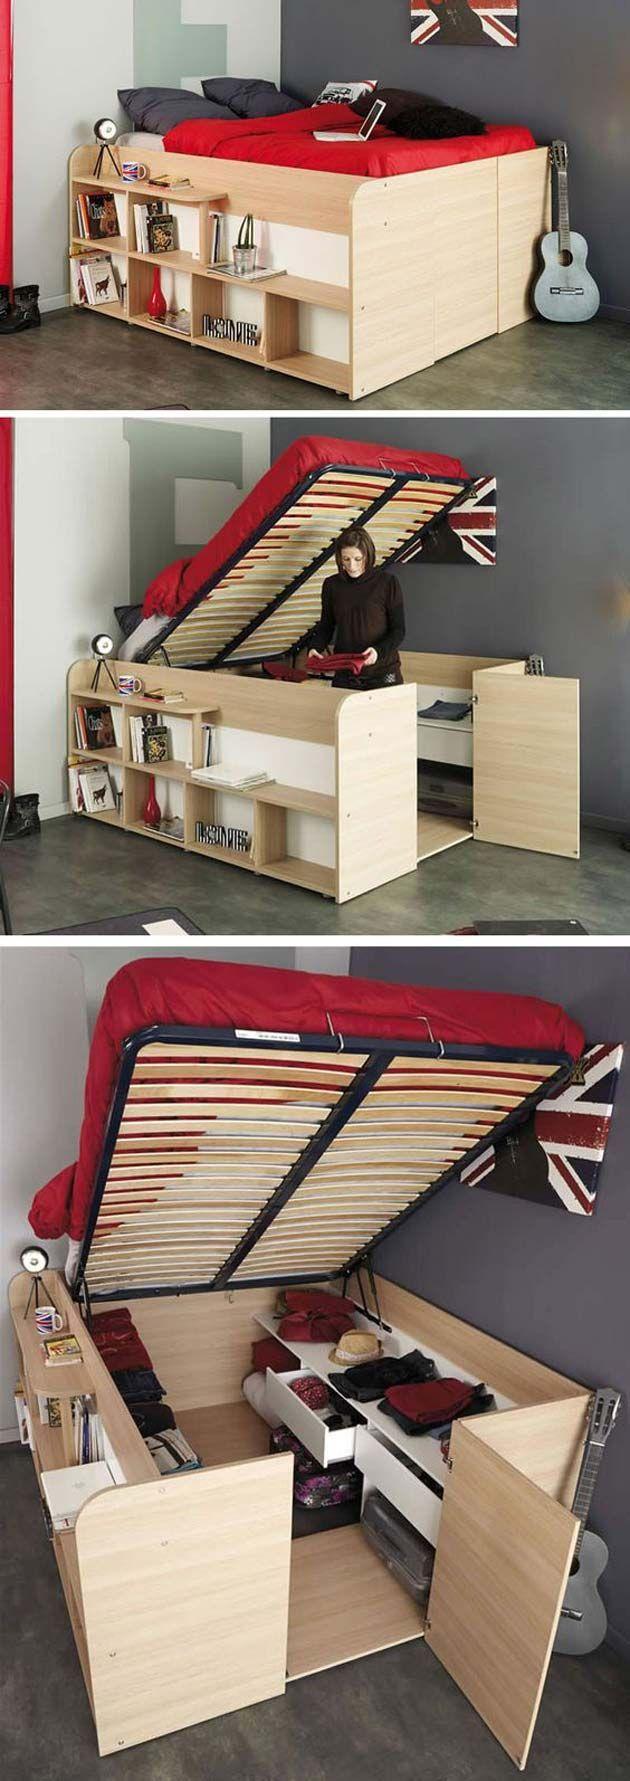 31 Ideen für kleine Räume, um Ihr kleines Schlafzimmer zu maximieren